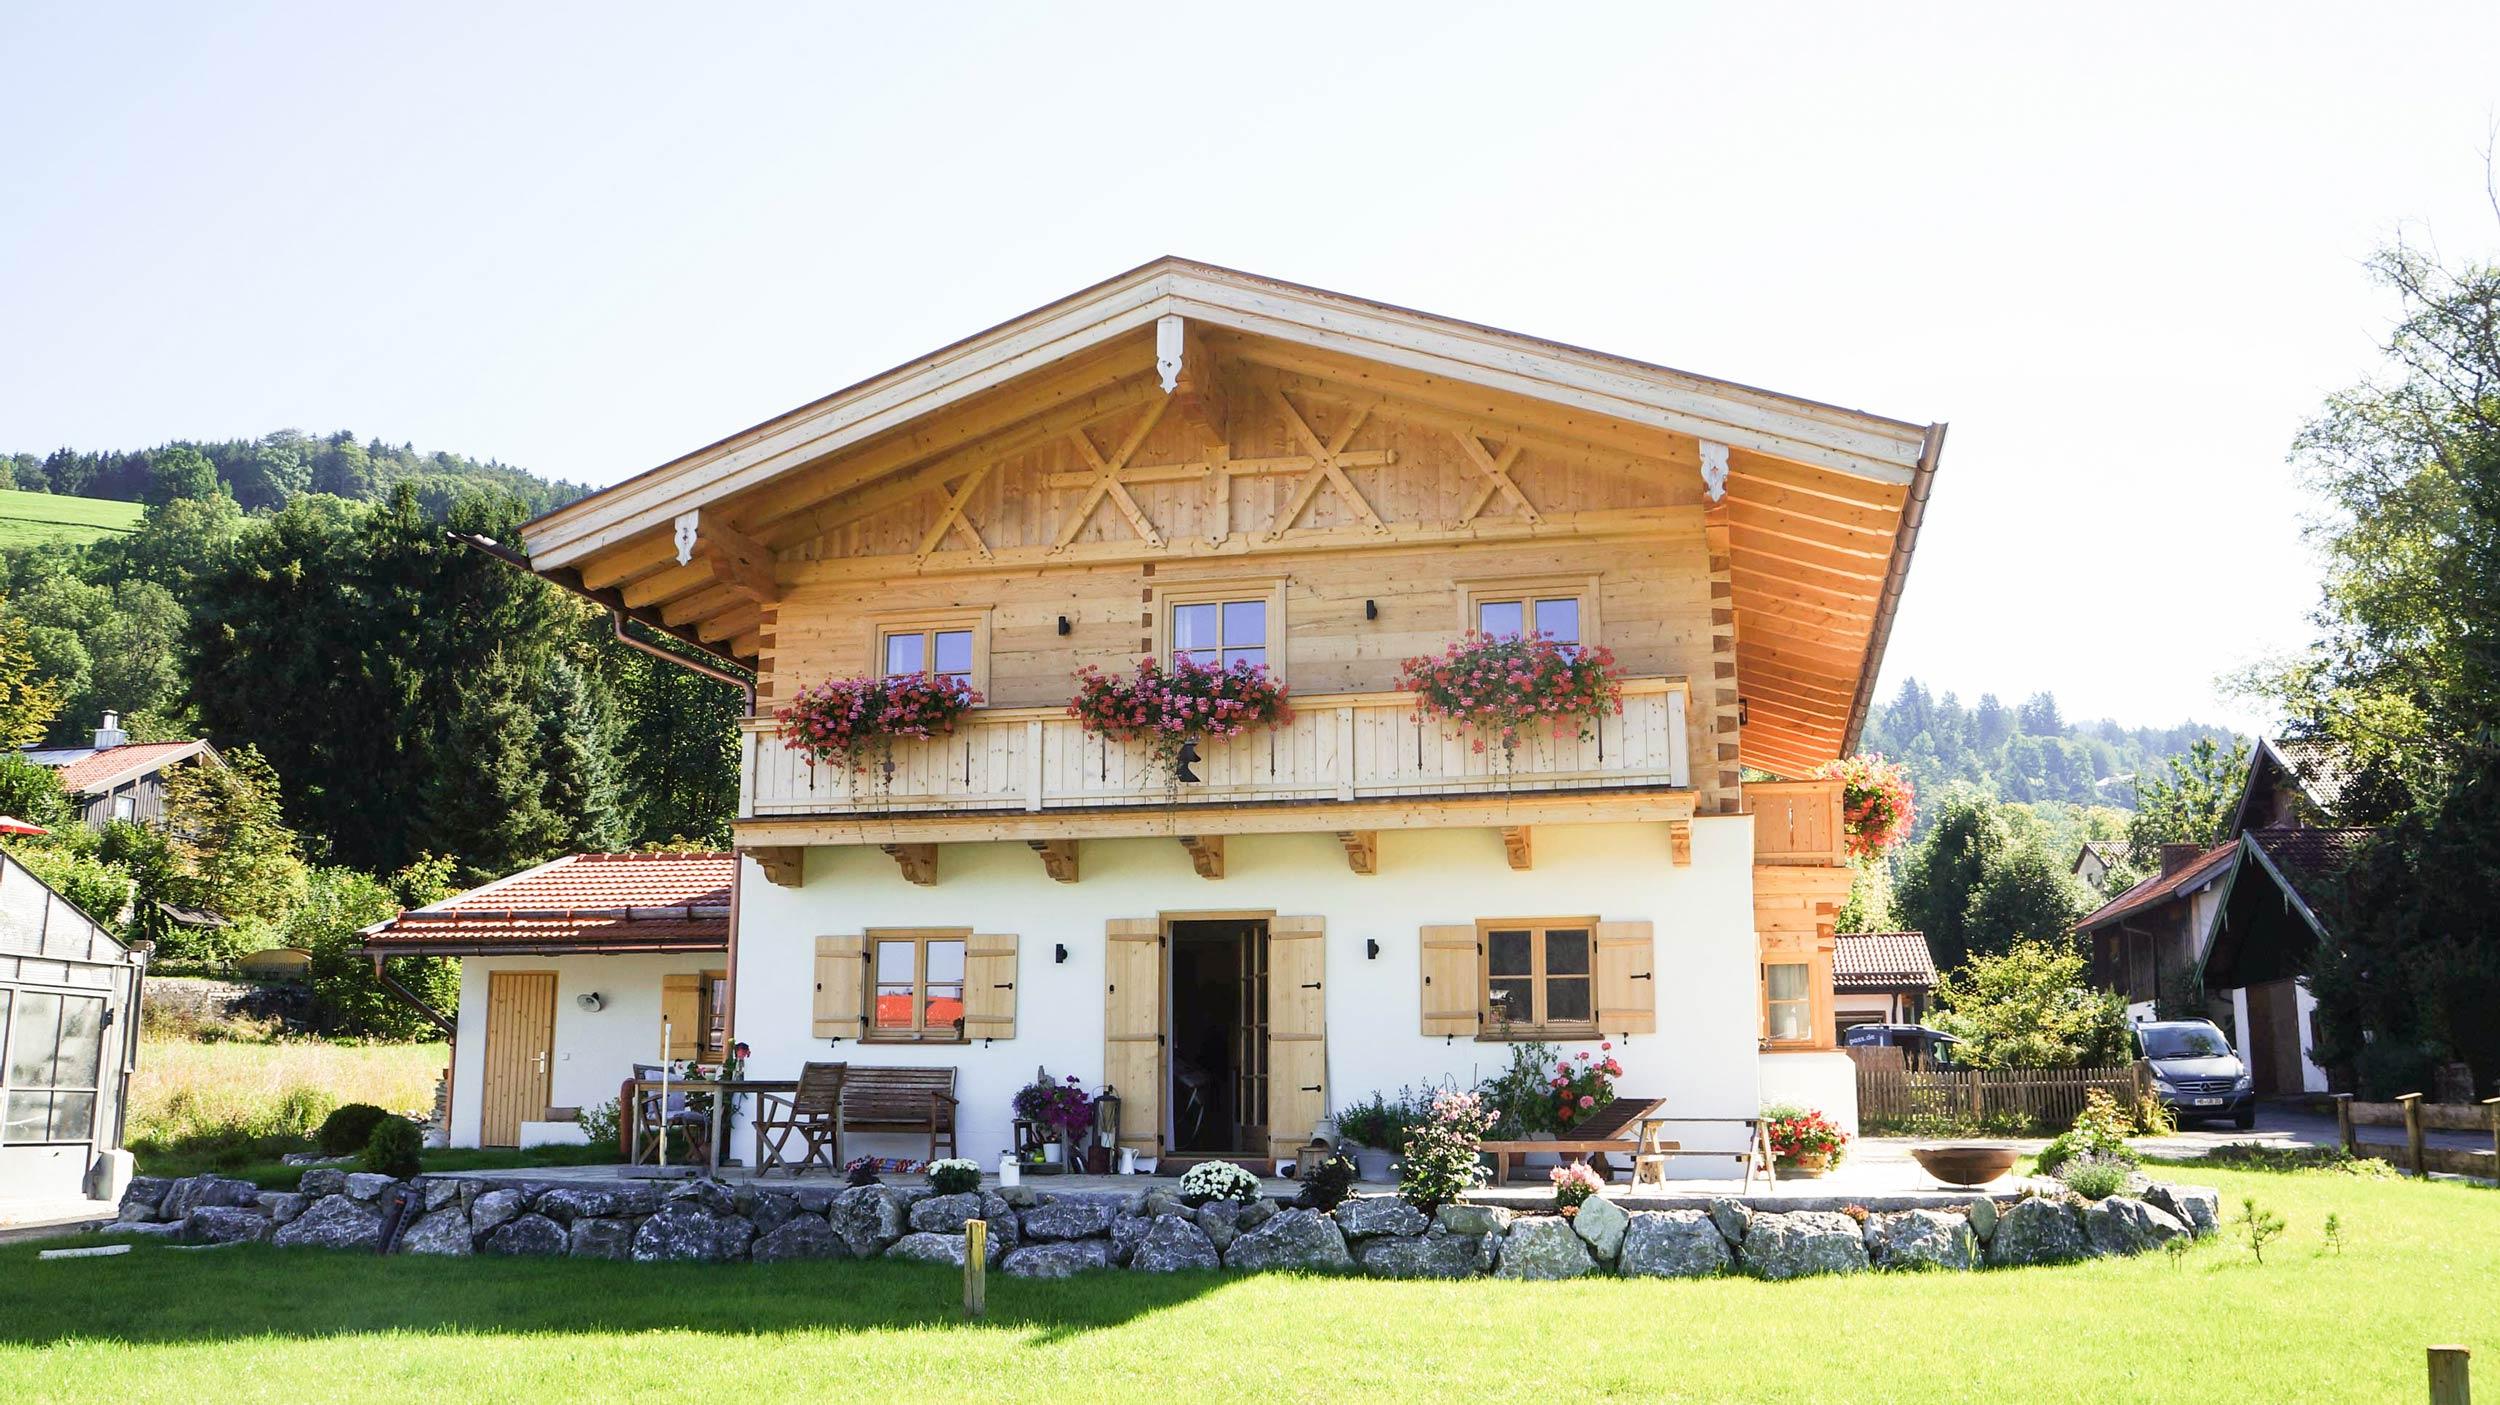 zimmerei-stoib-holzbau-holzhaus-blockhaus-traditionell-balkon-schliersee-02.jpg